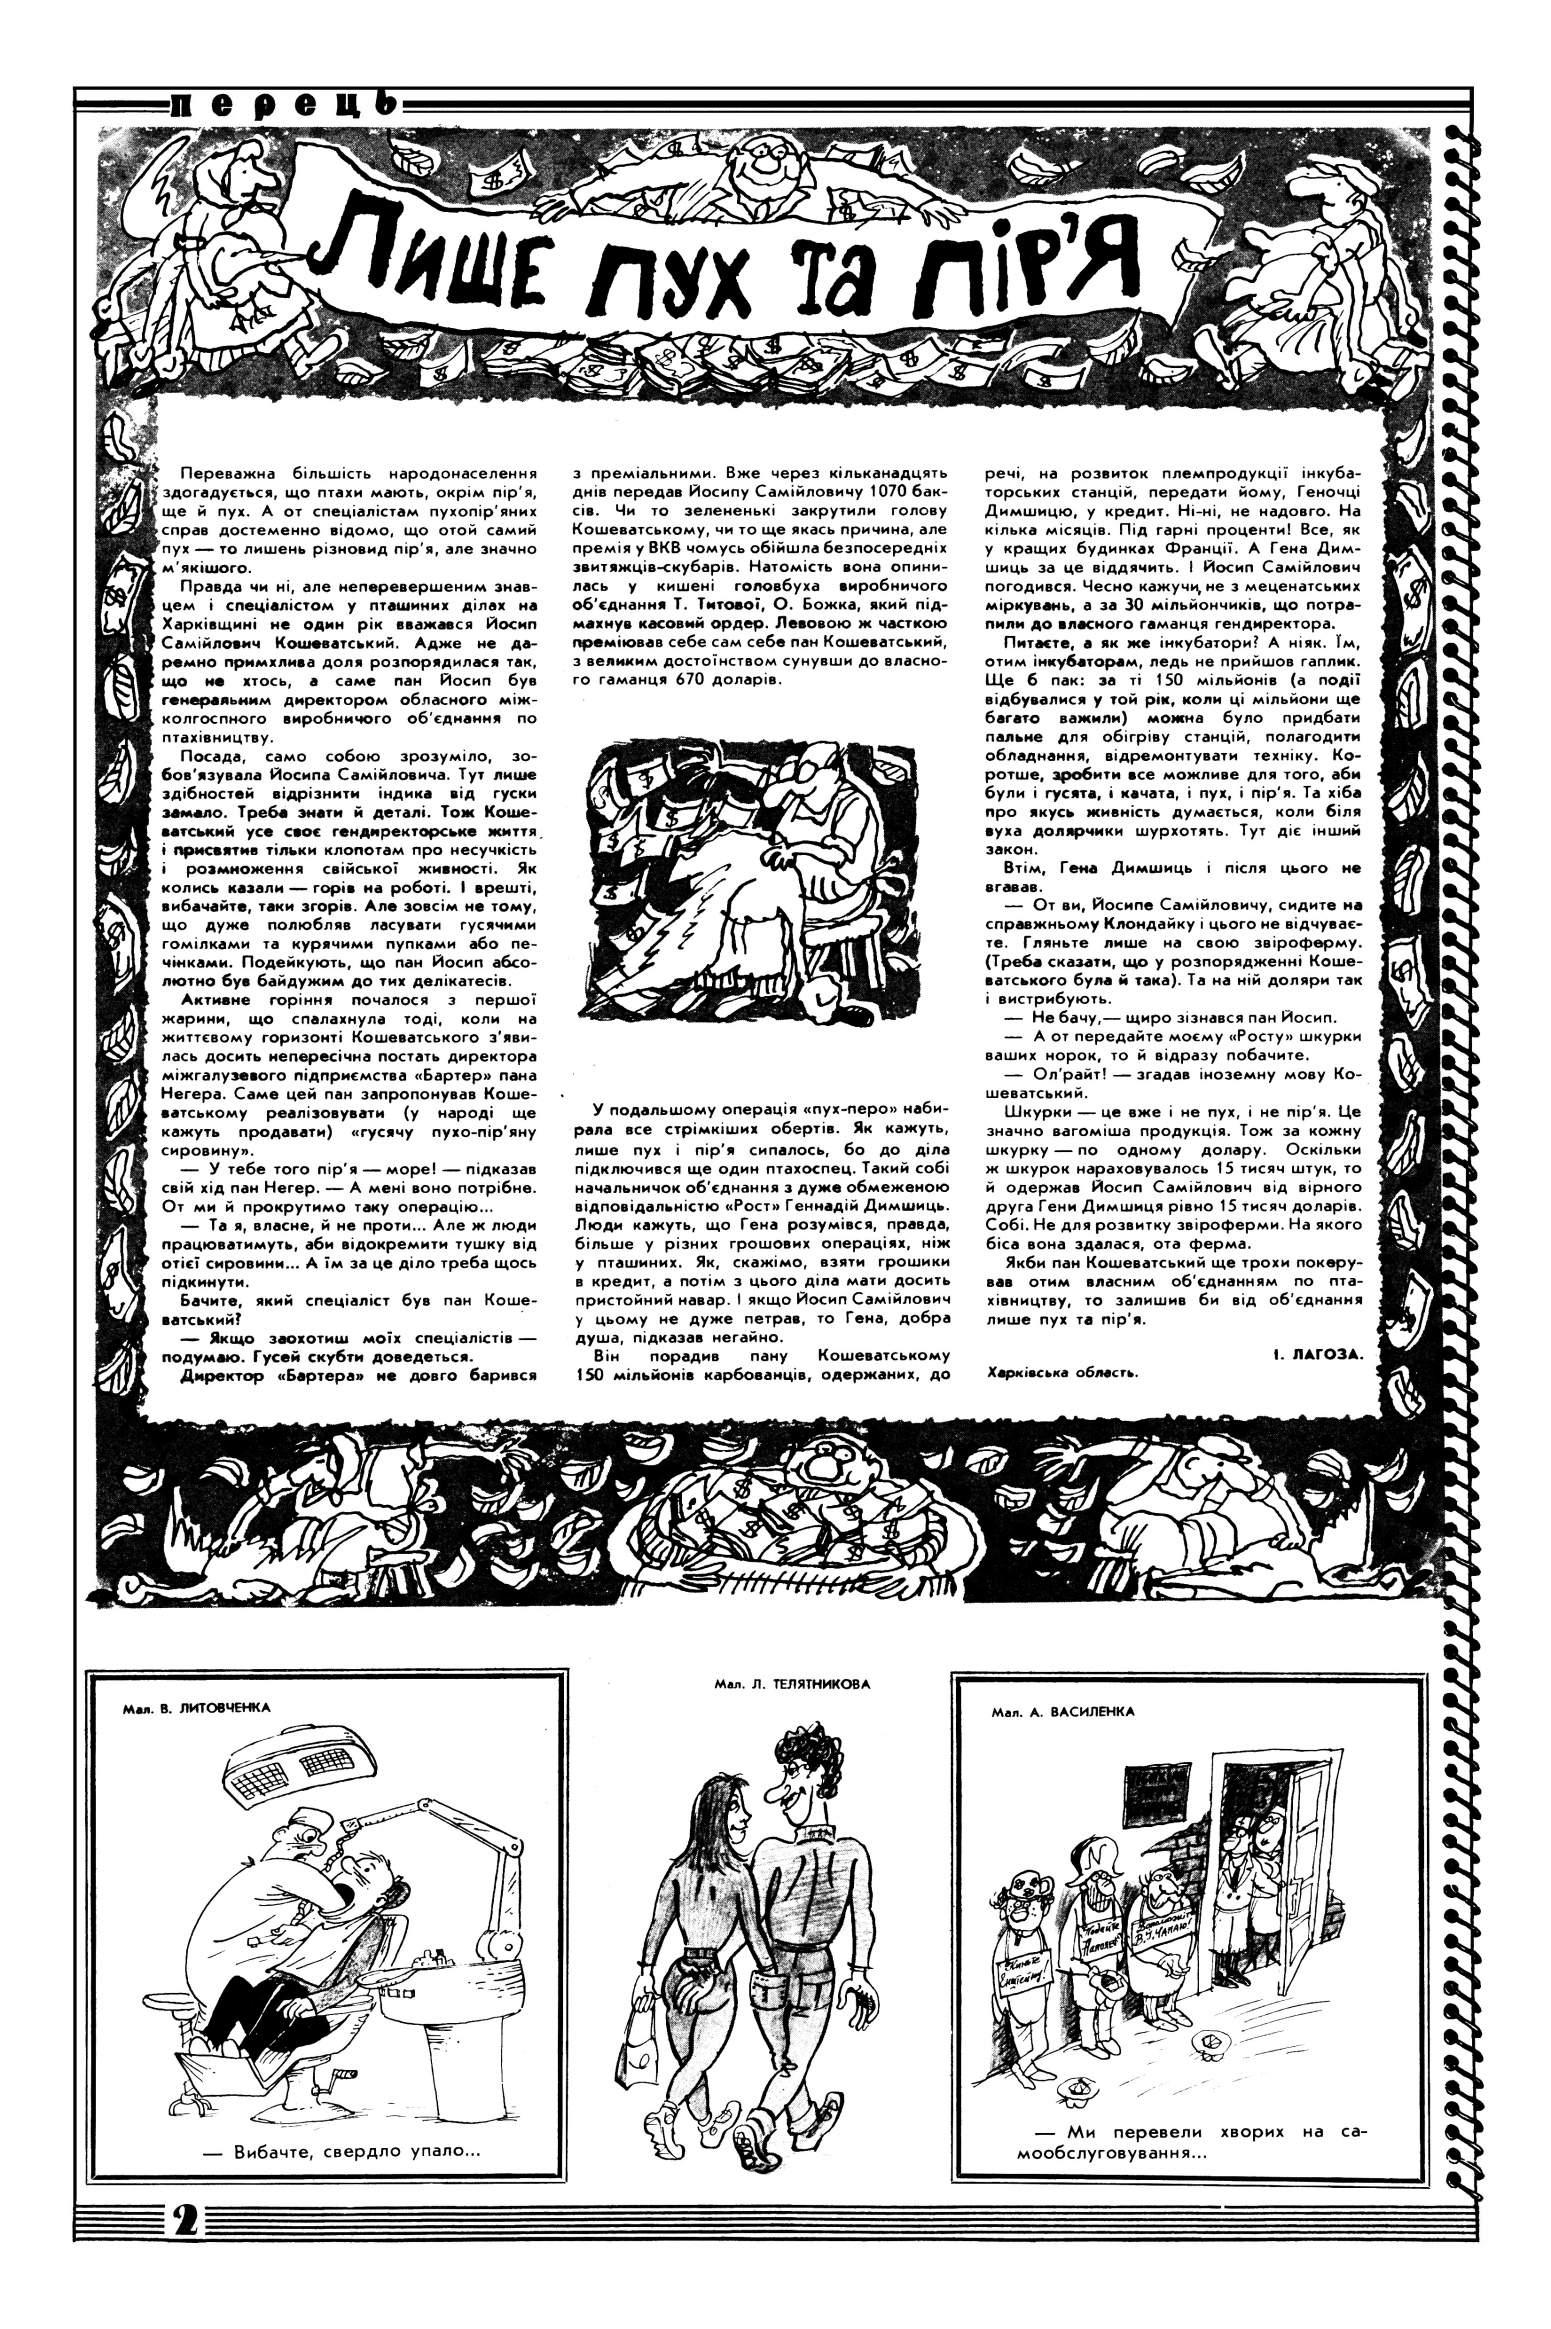 Журнал перець 1995 №12